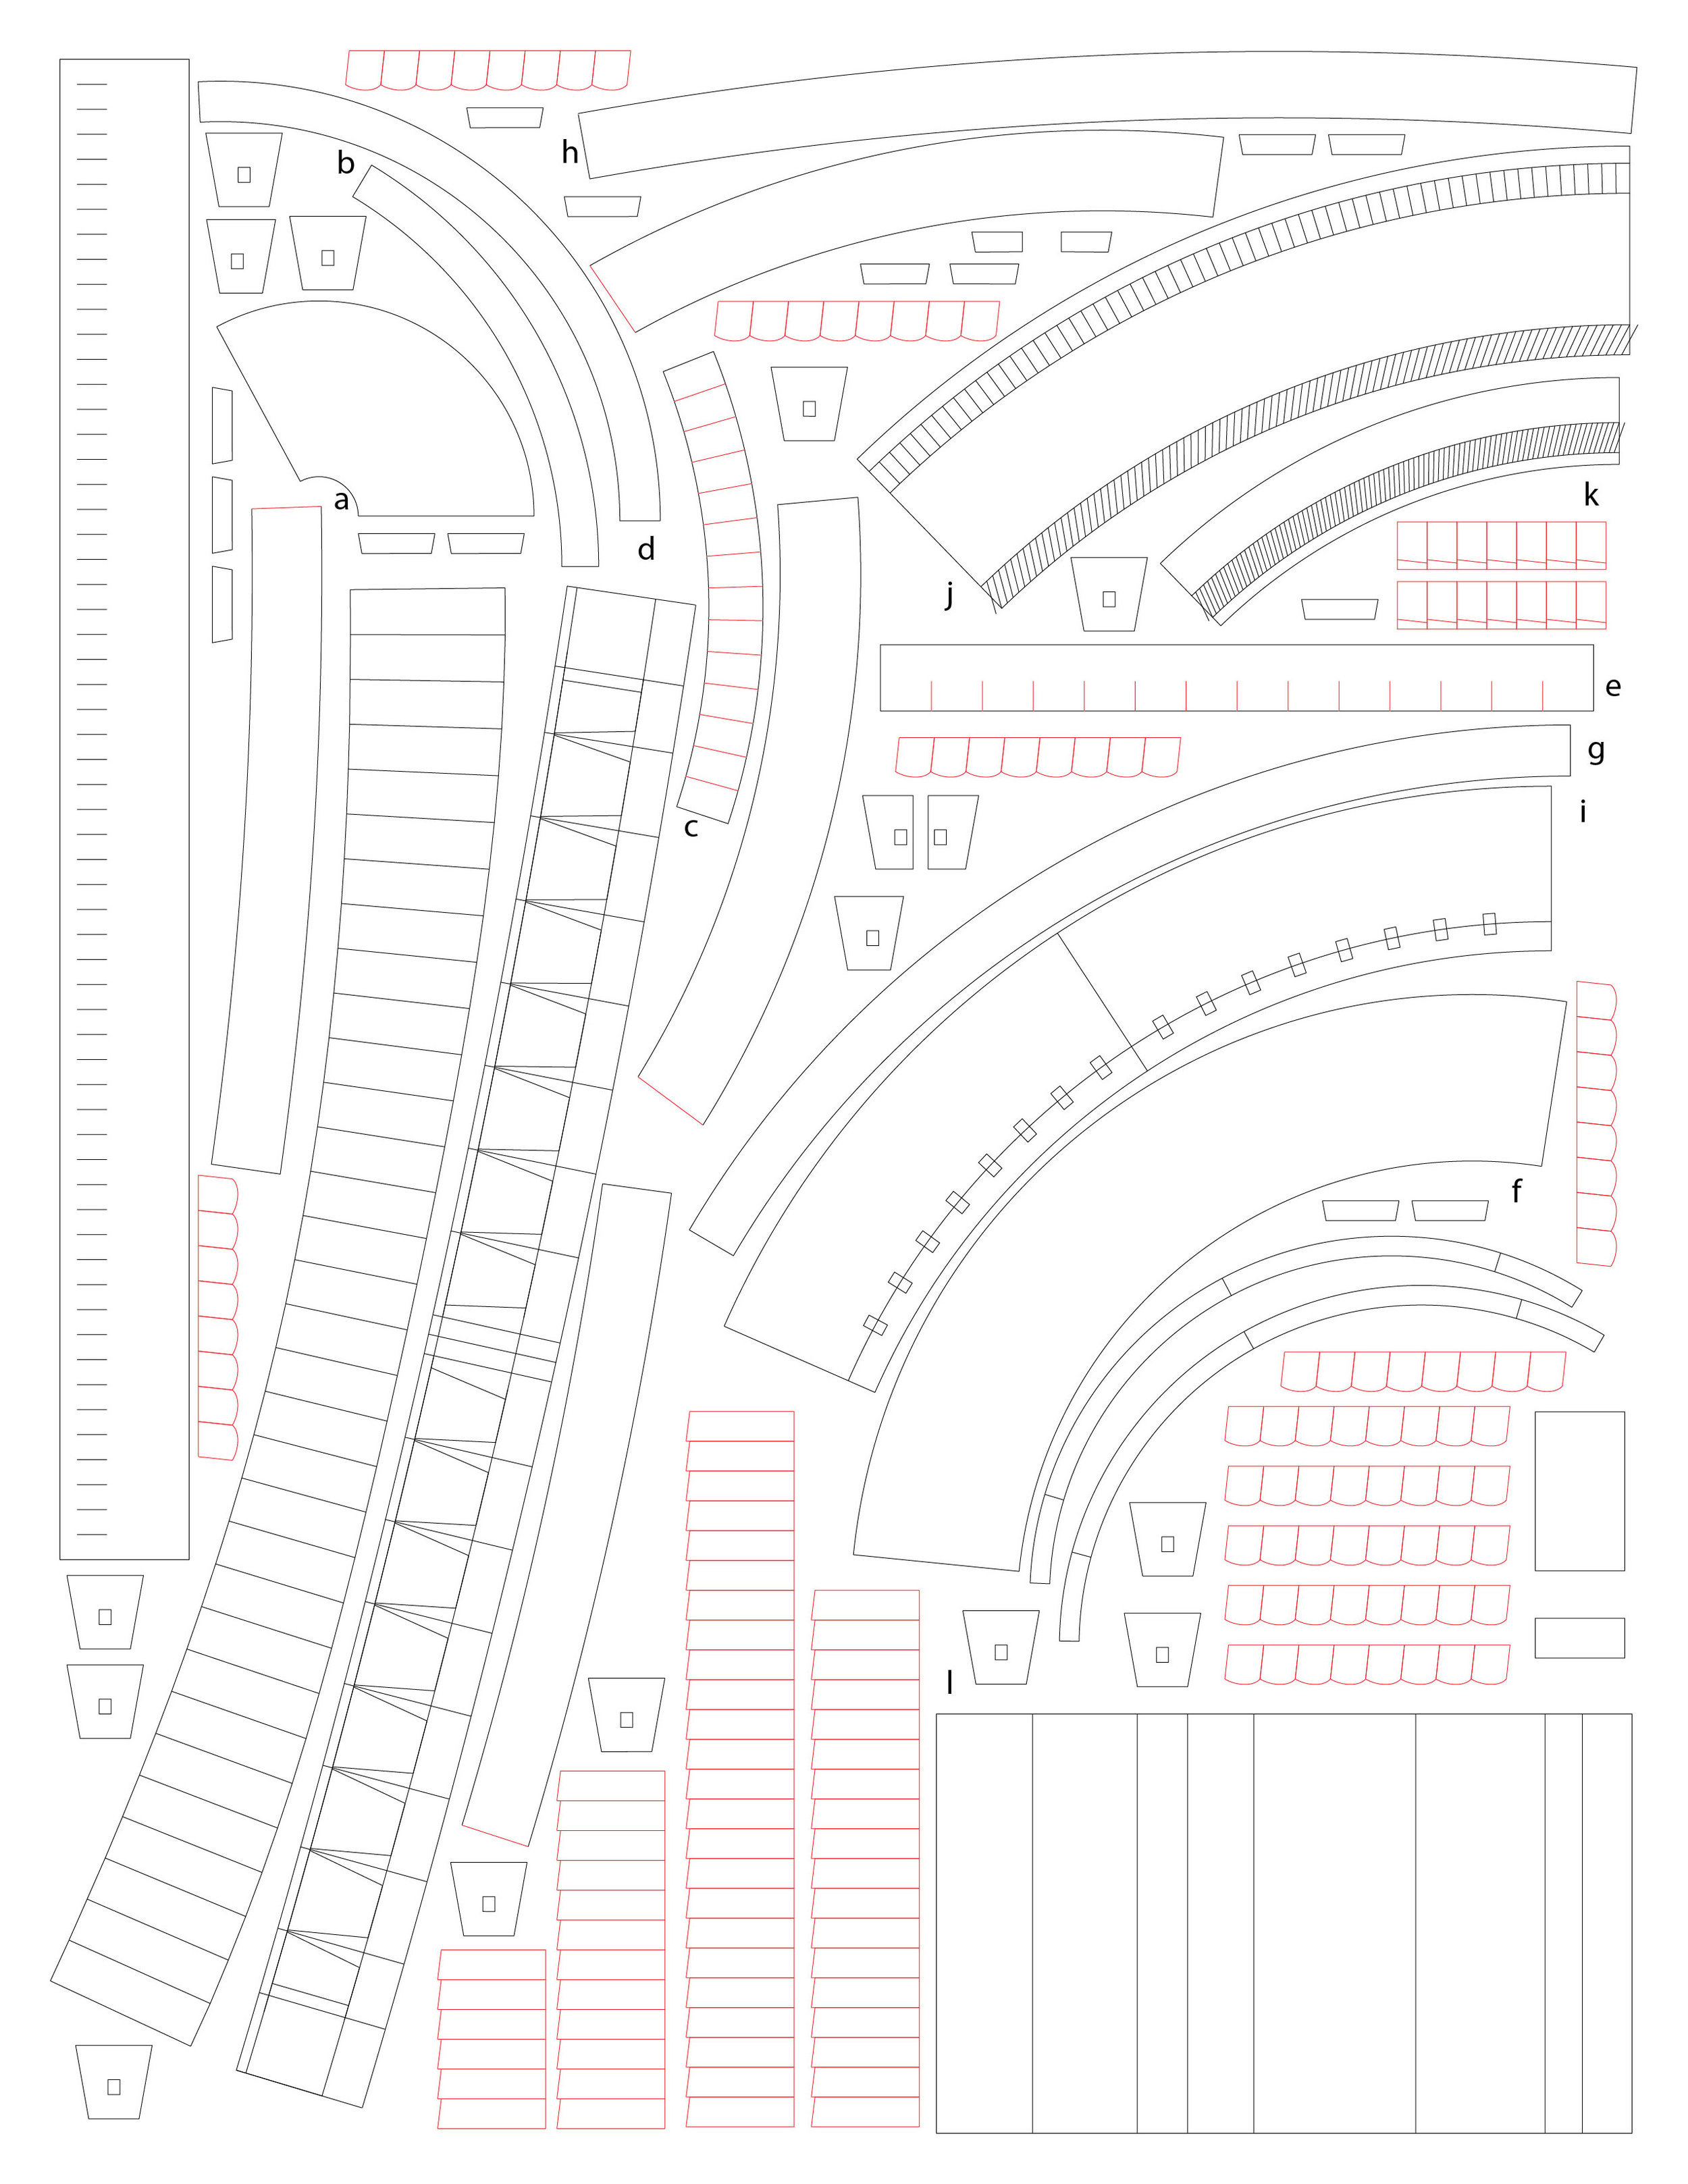 Engines - drawings 2.jpg